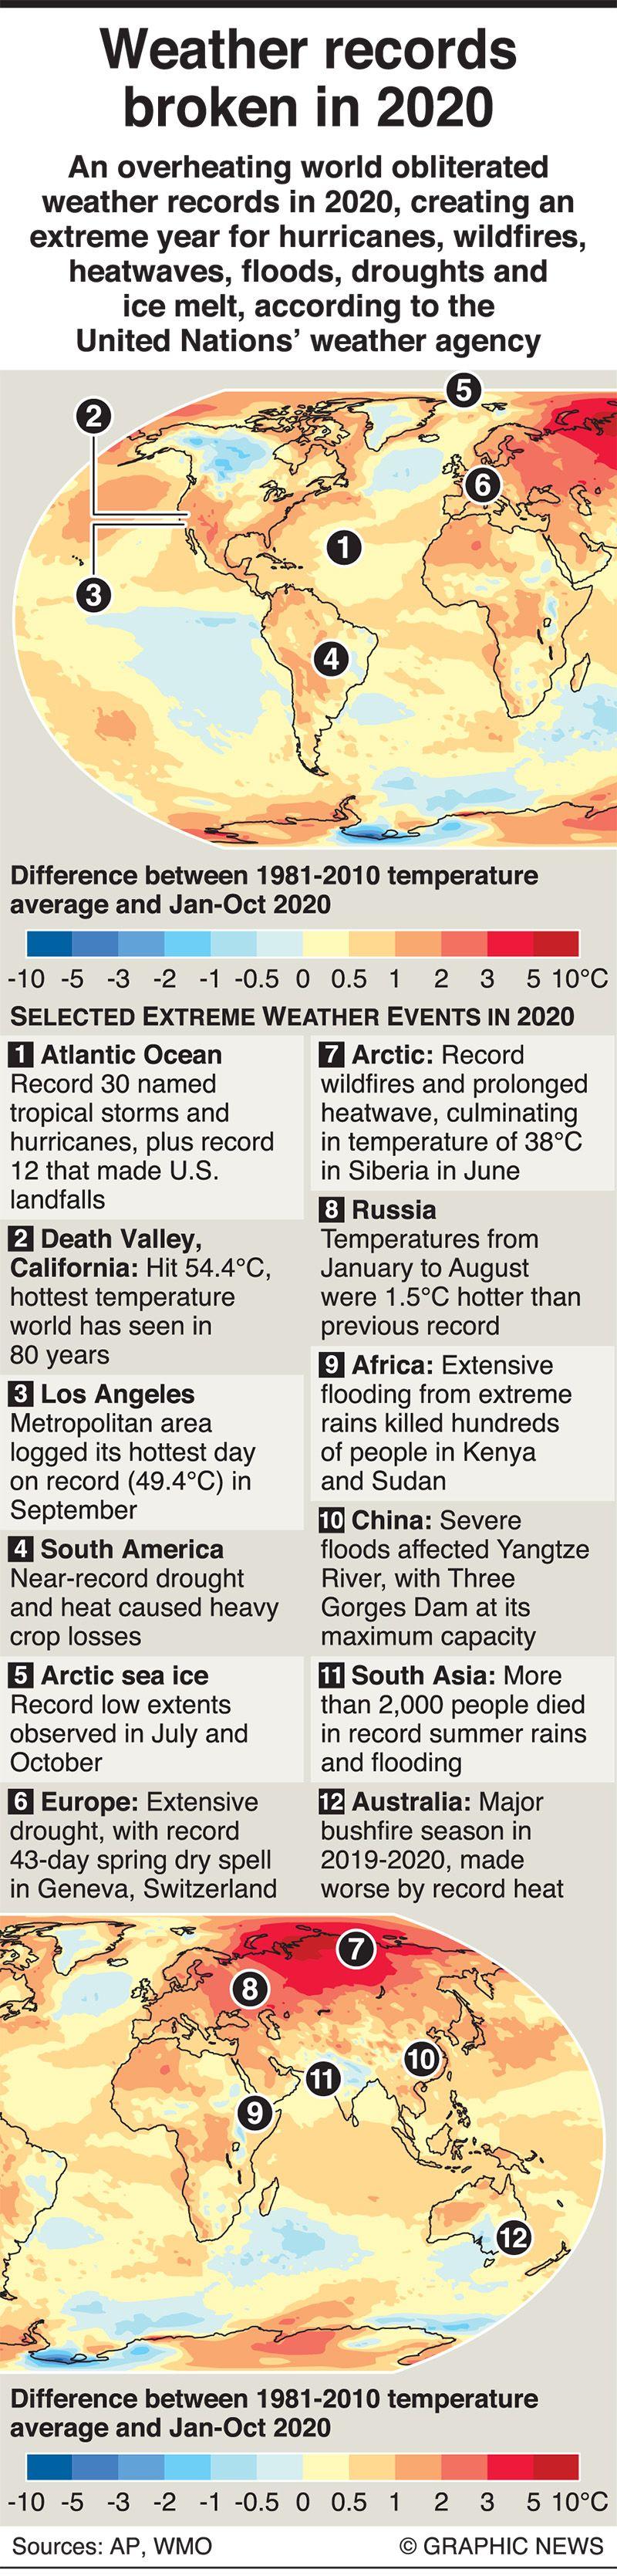 Weather records broken in 2020